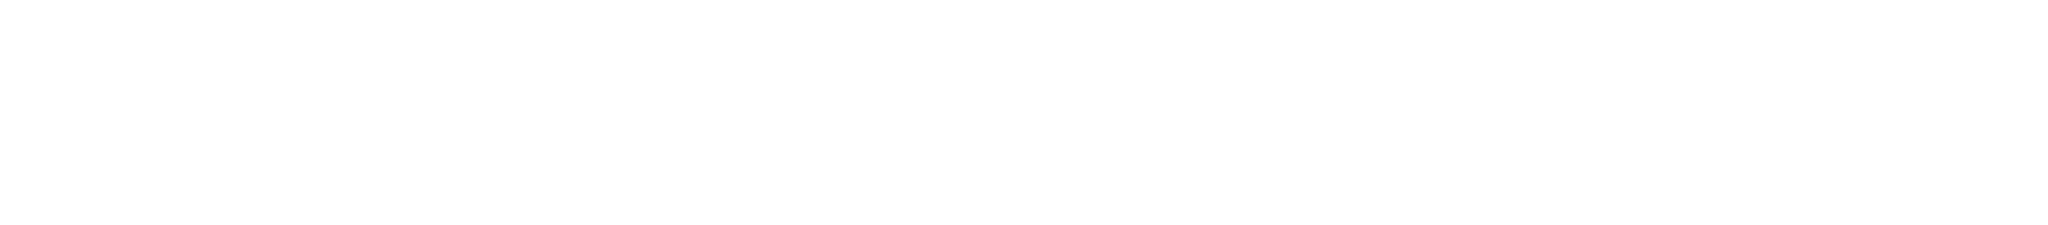 FoT_07C_tekst_Participation